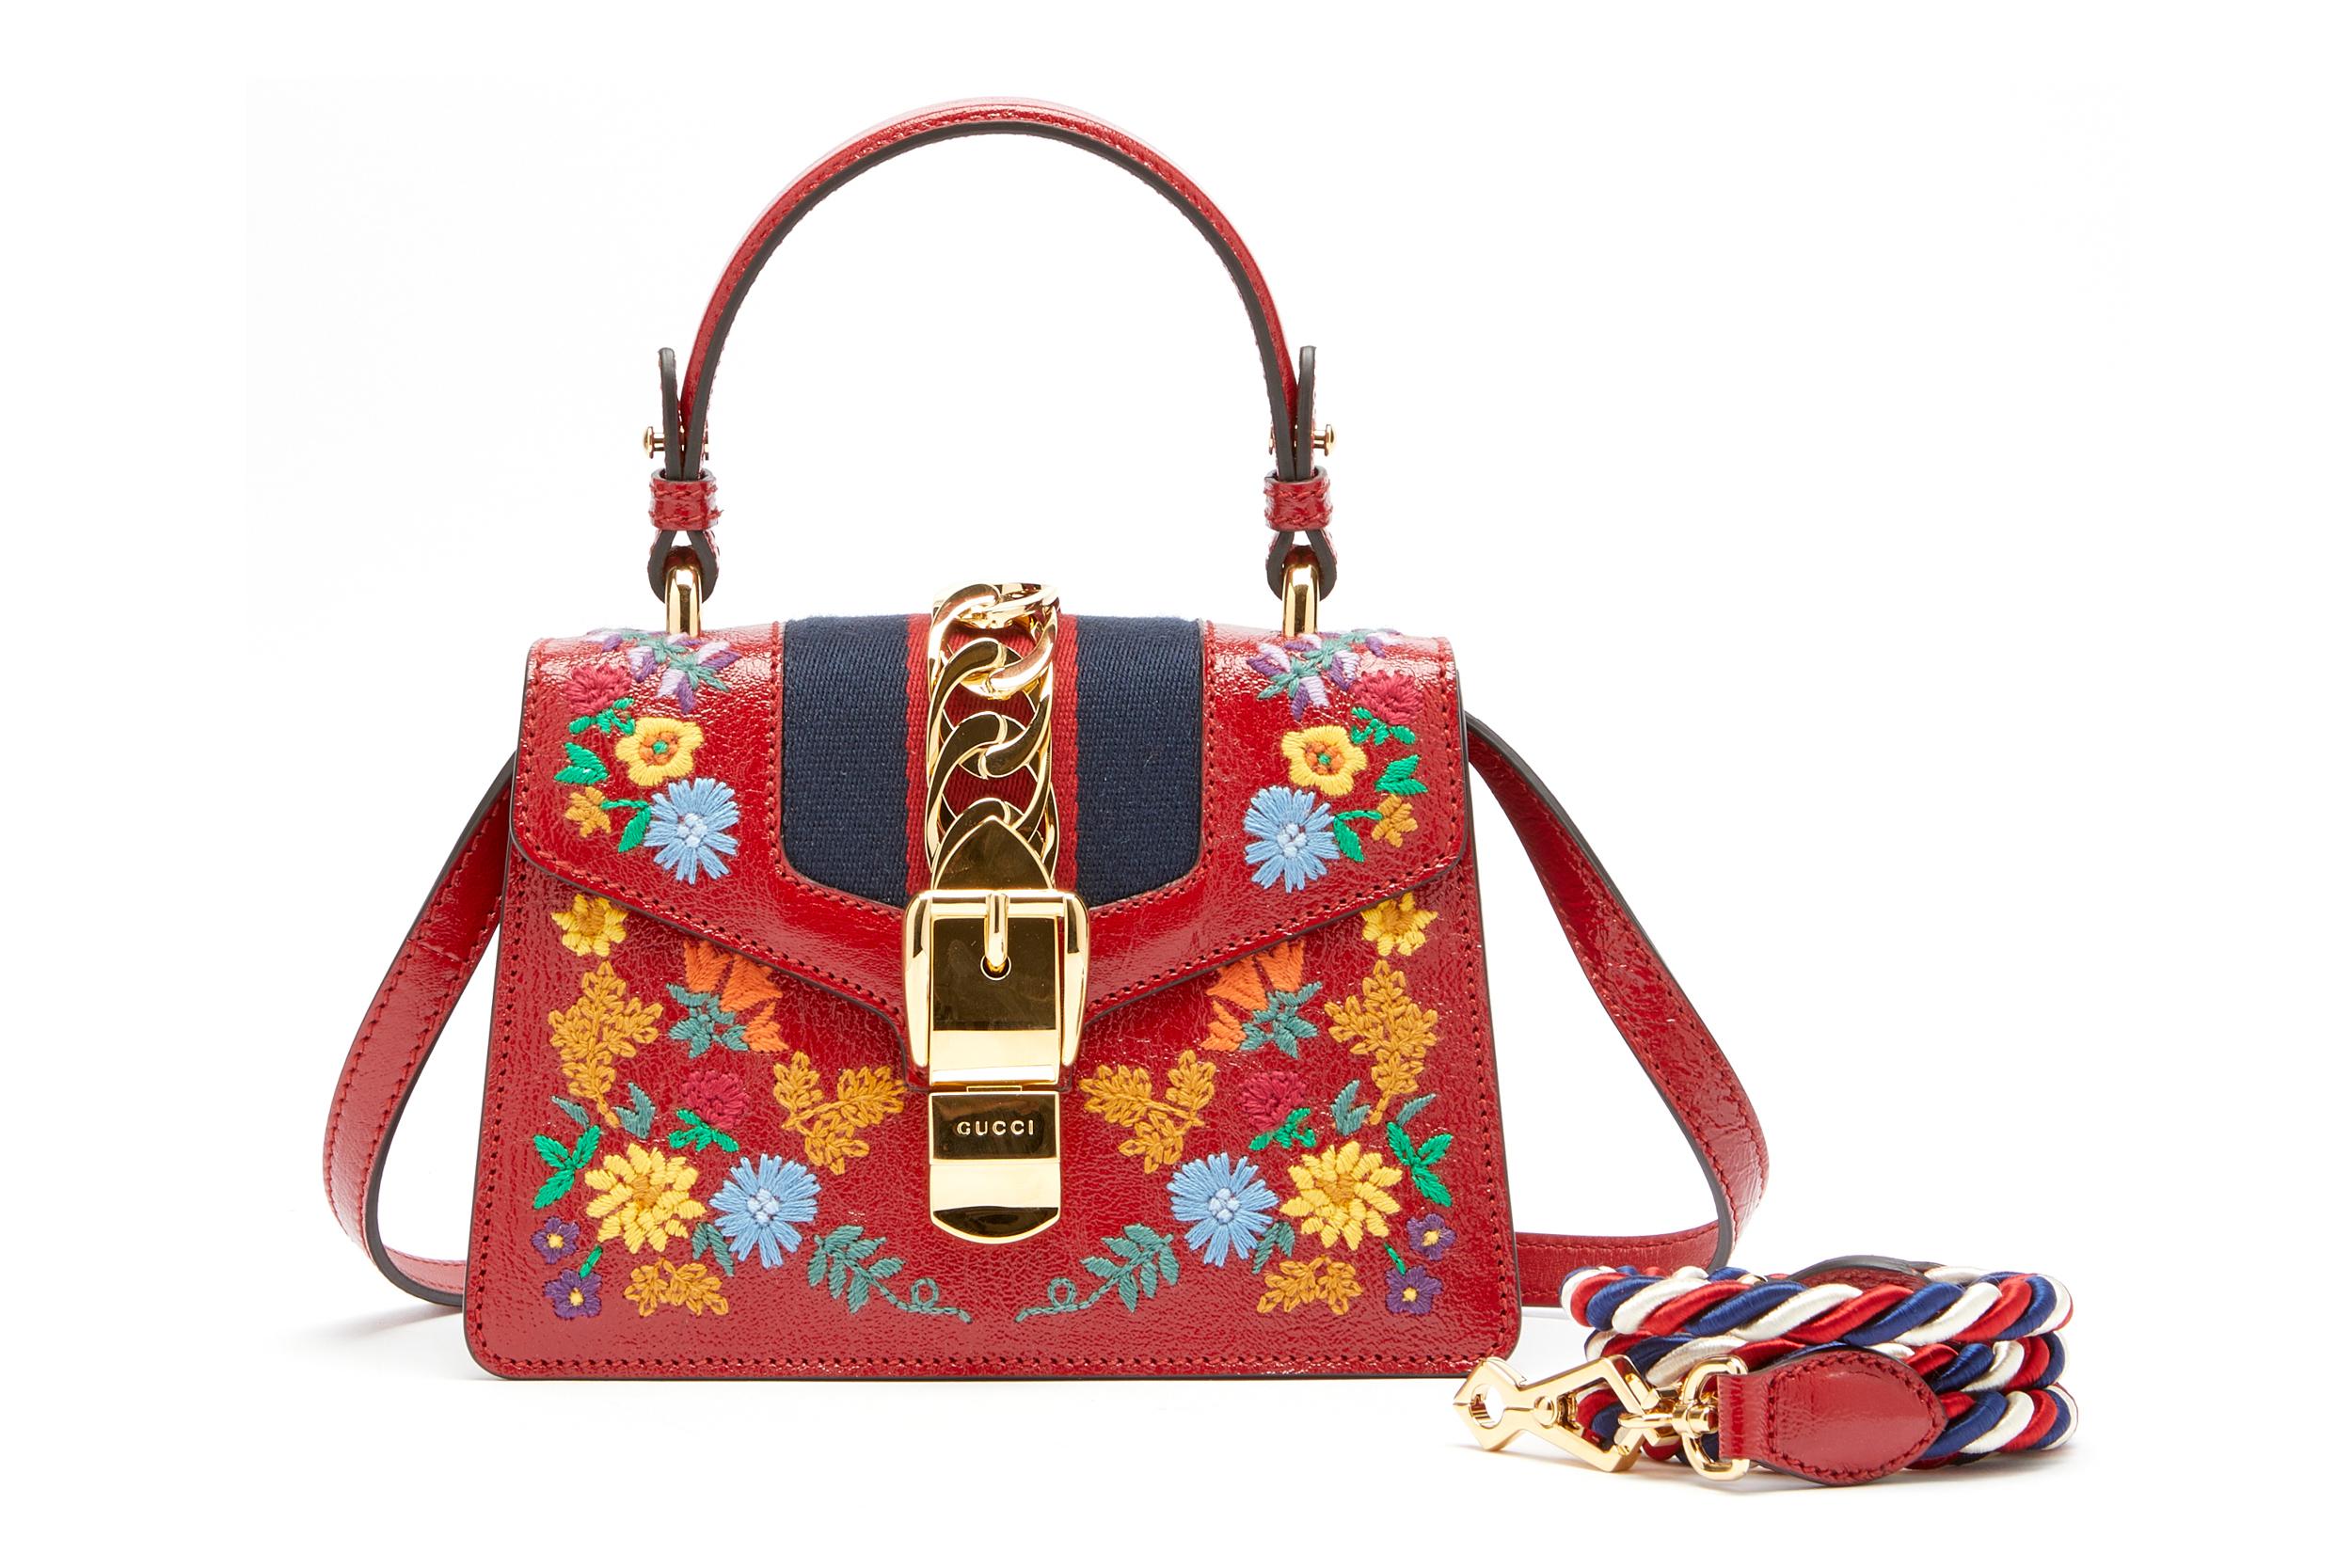 Tasche von Gucci - Exklusiv designt für Galeries Lafayette